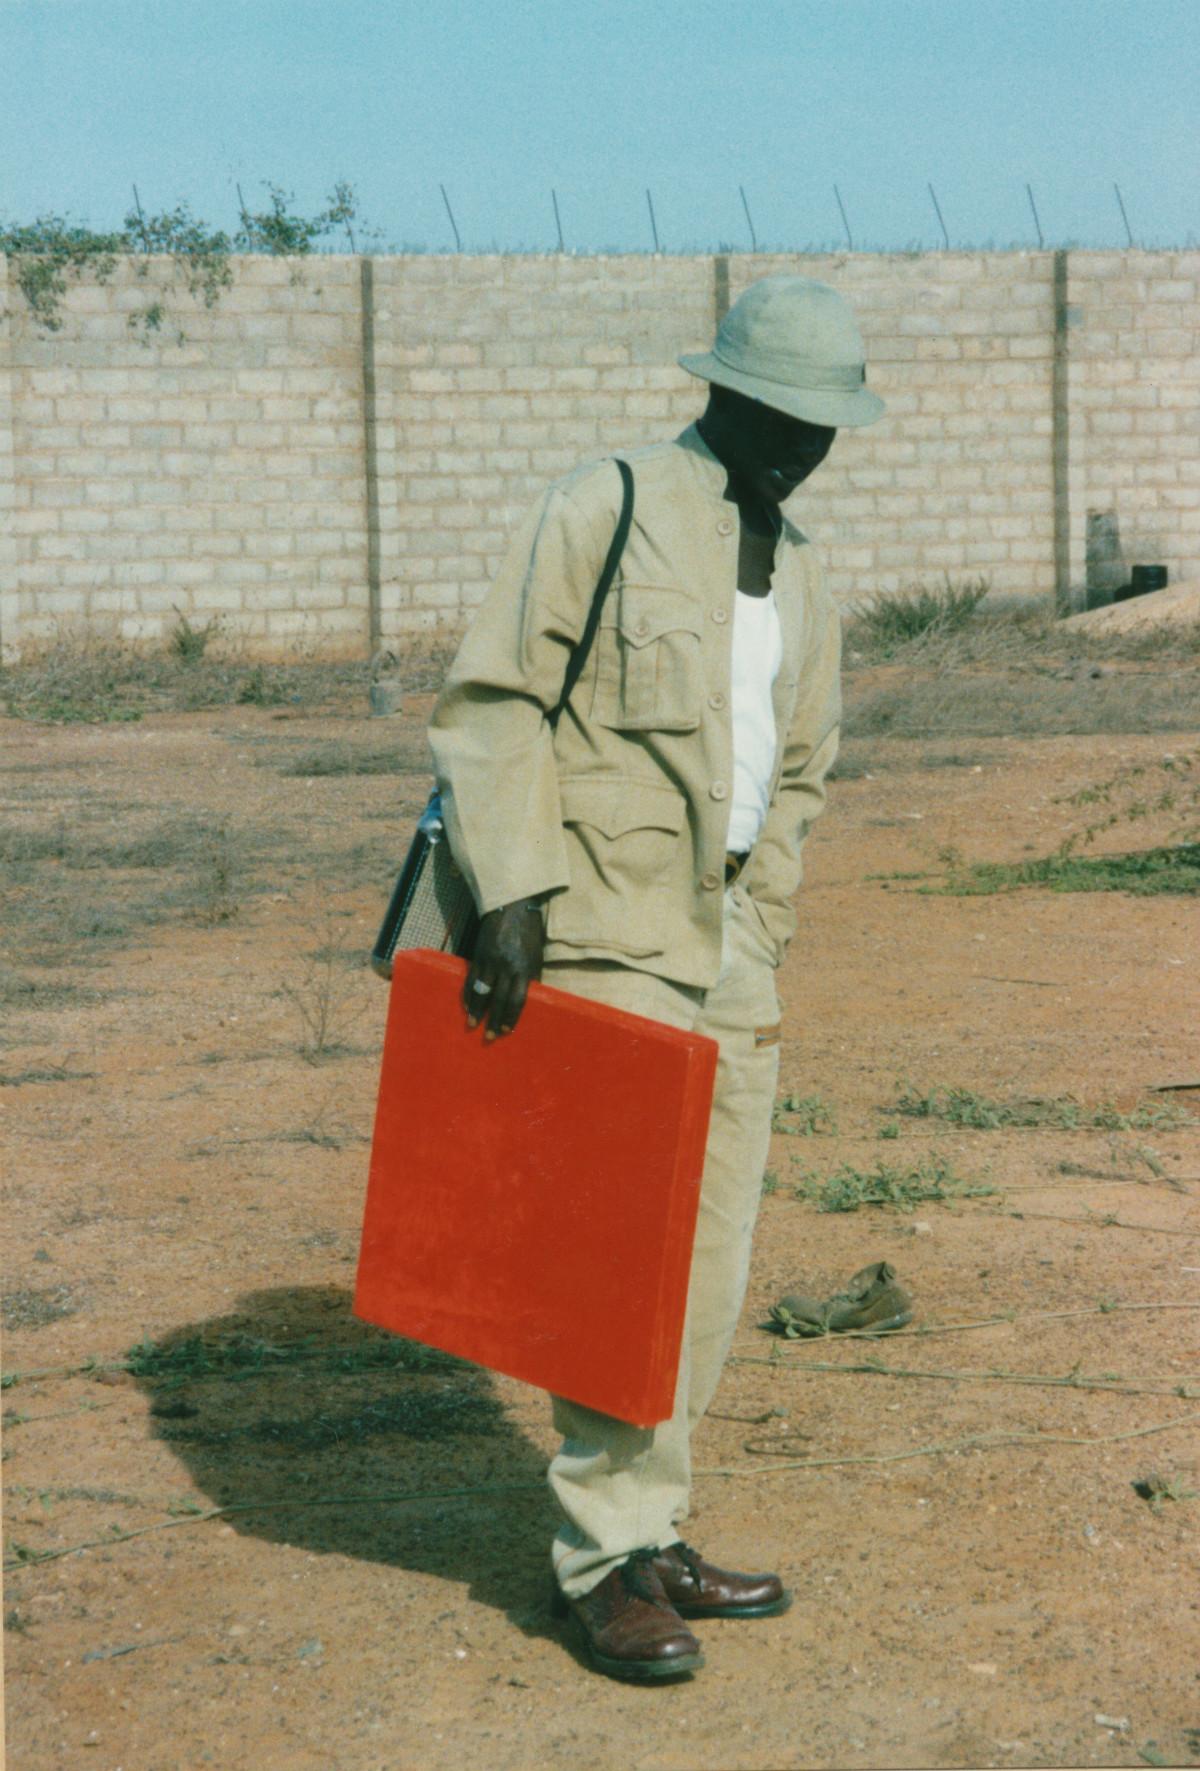 El Hadji Sy planujący Tenq 96, Dakar, Senegal 1996, fot. Clementine Deliss